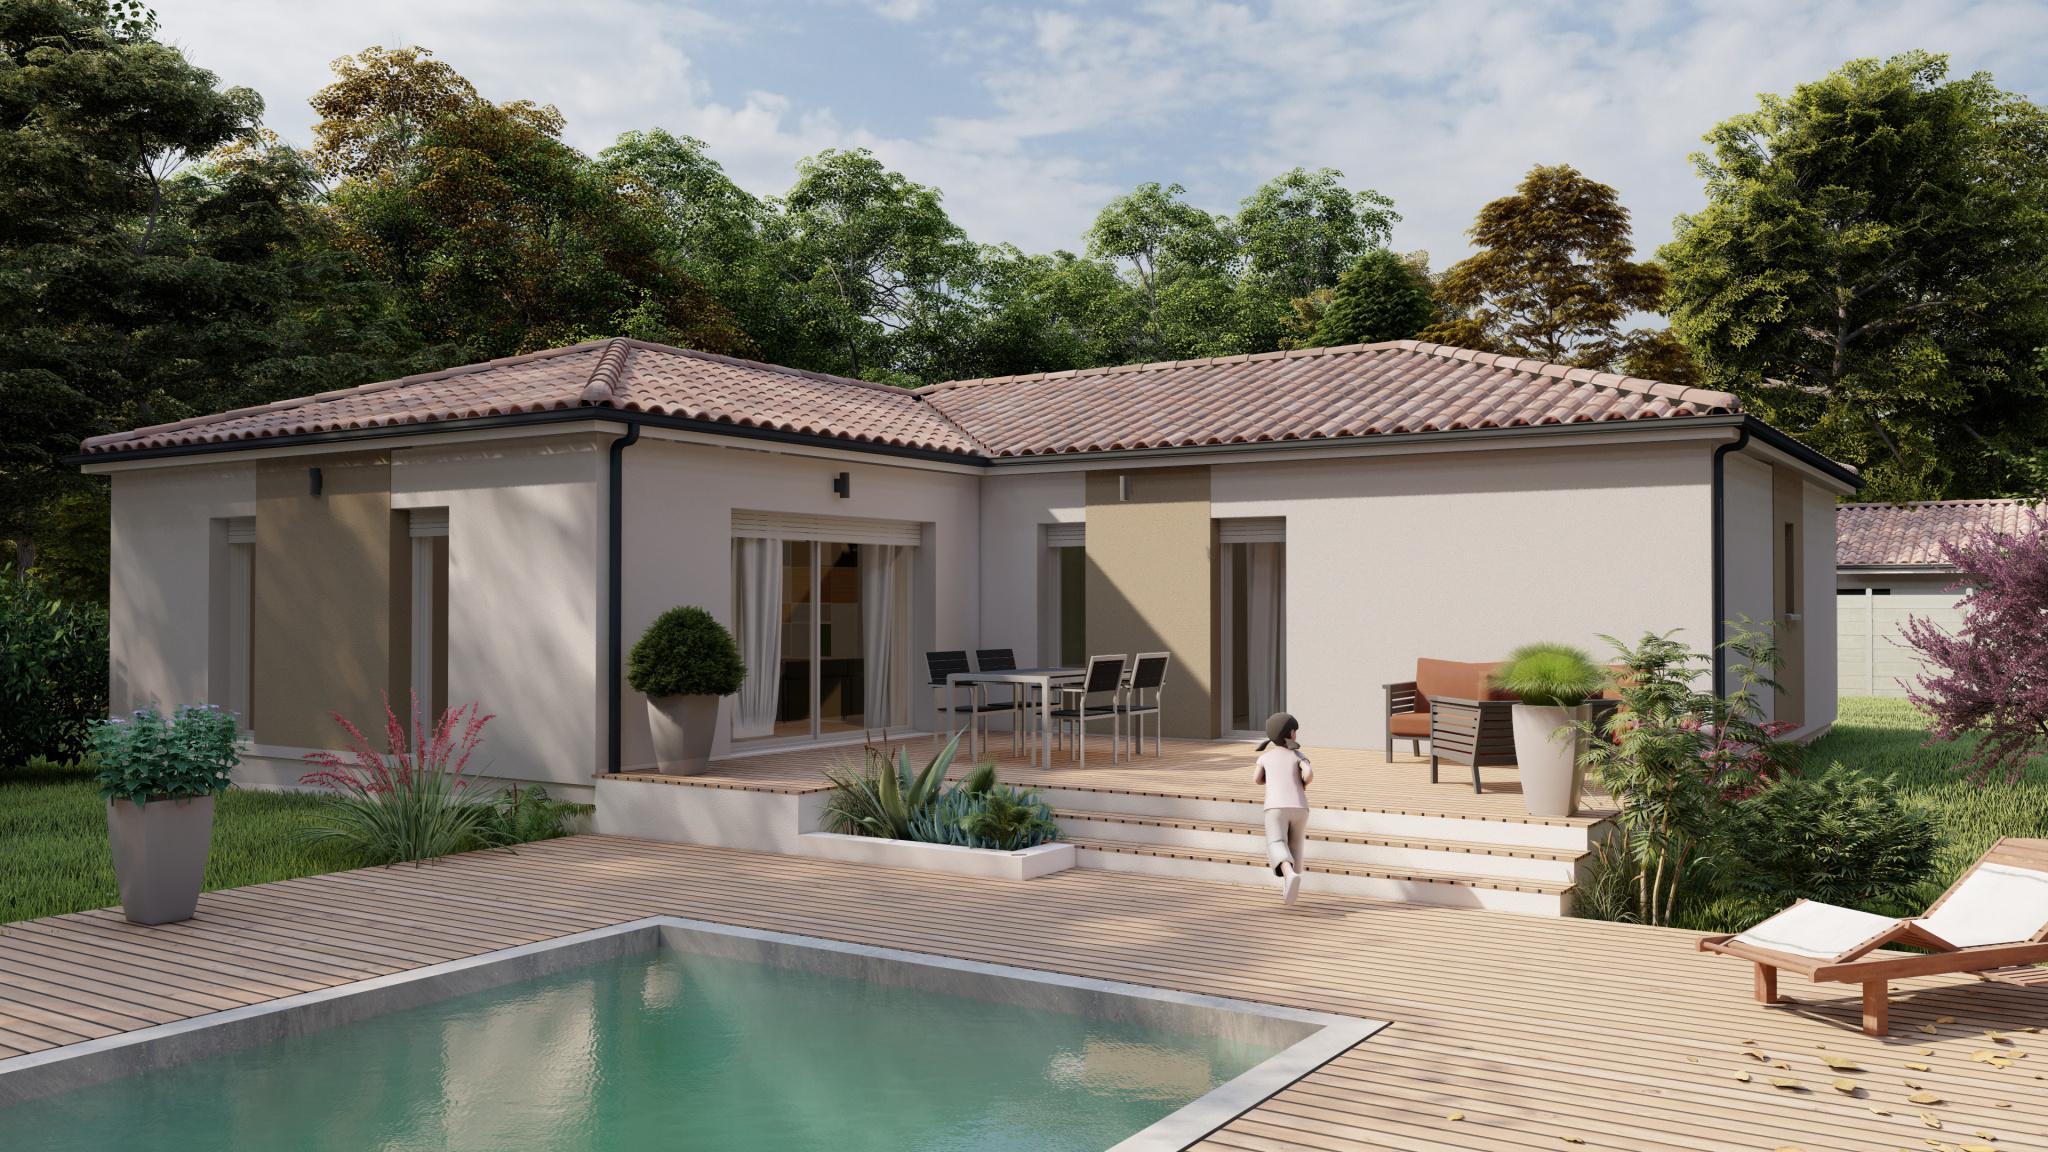 Vente maison à Roquefort (47310) de 112 m2 habitable sur terrain de 764 m2